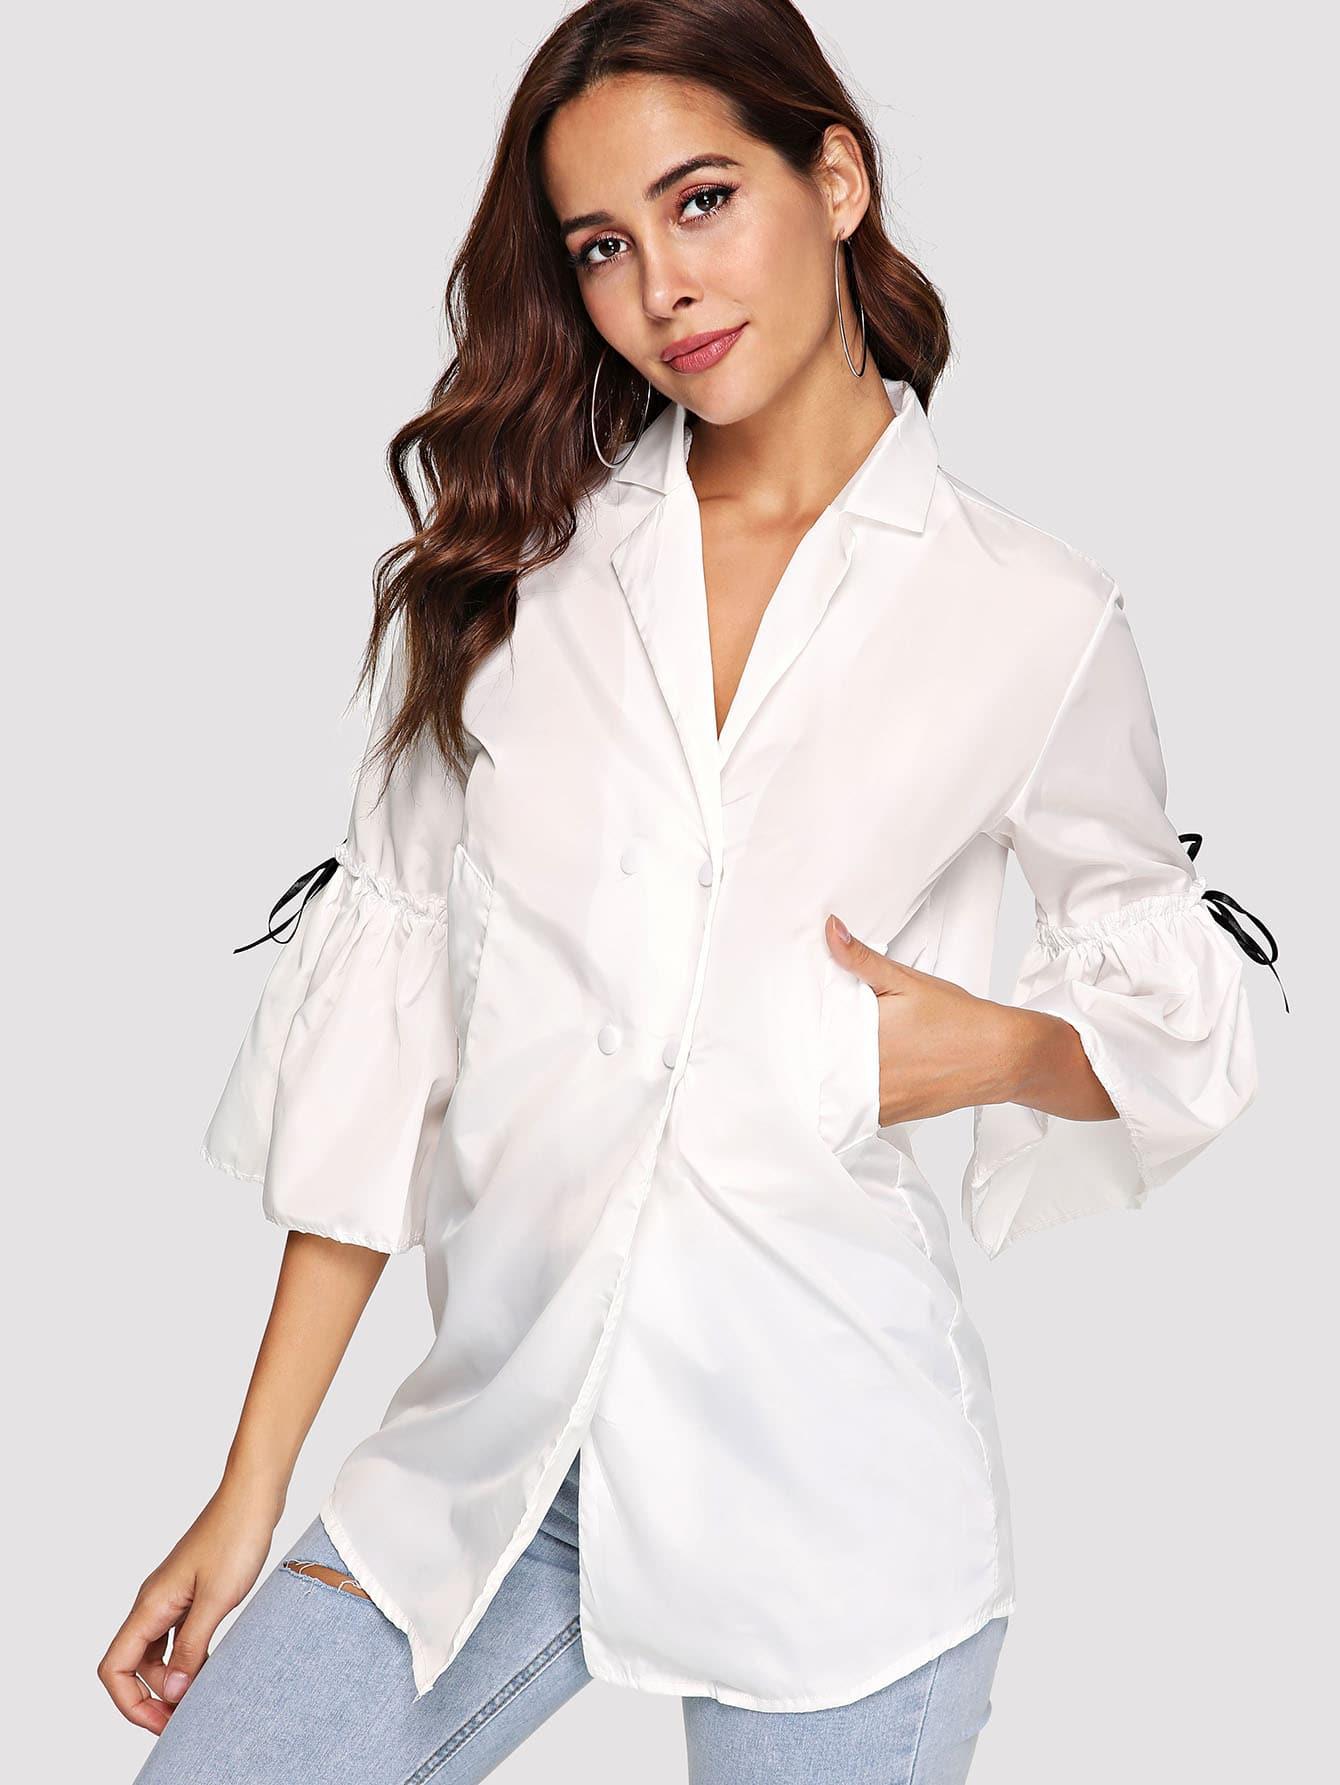 Купить Повседневный Ровный цвет Белый Пиджаки, Giulia, SheIn